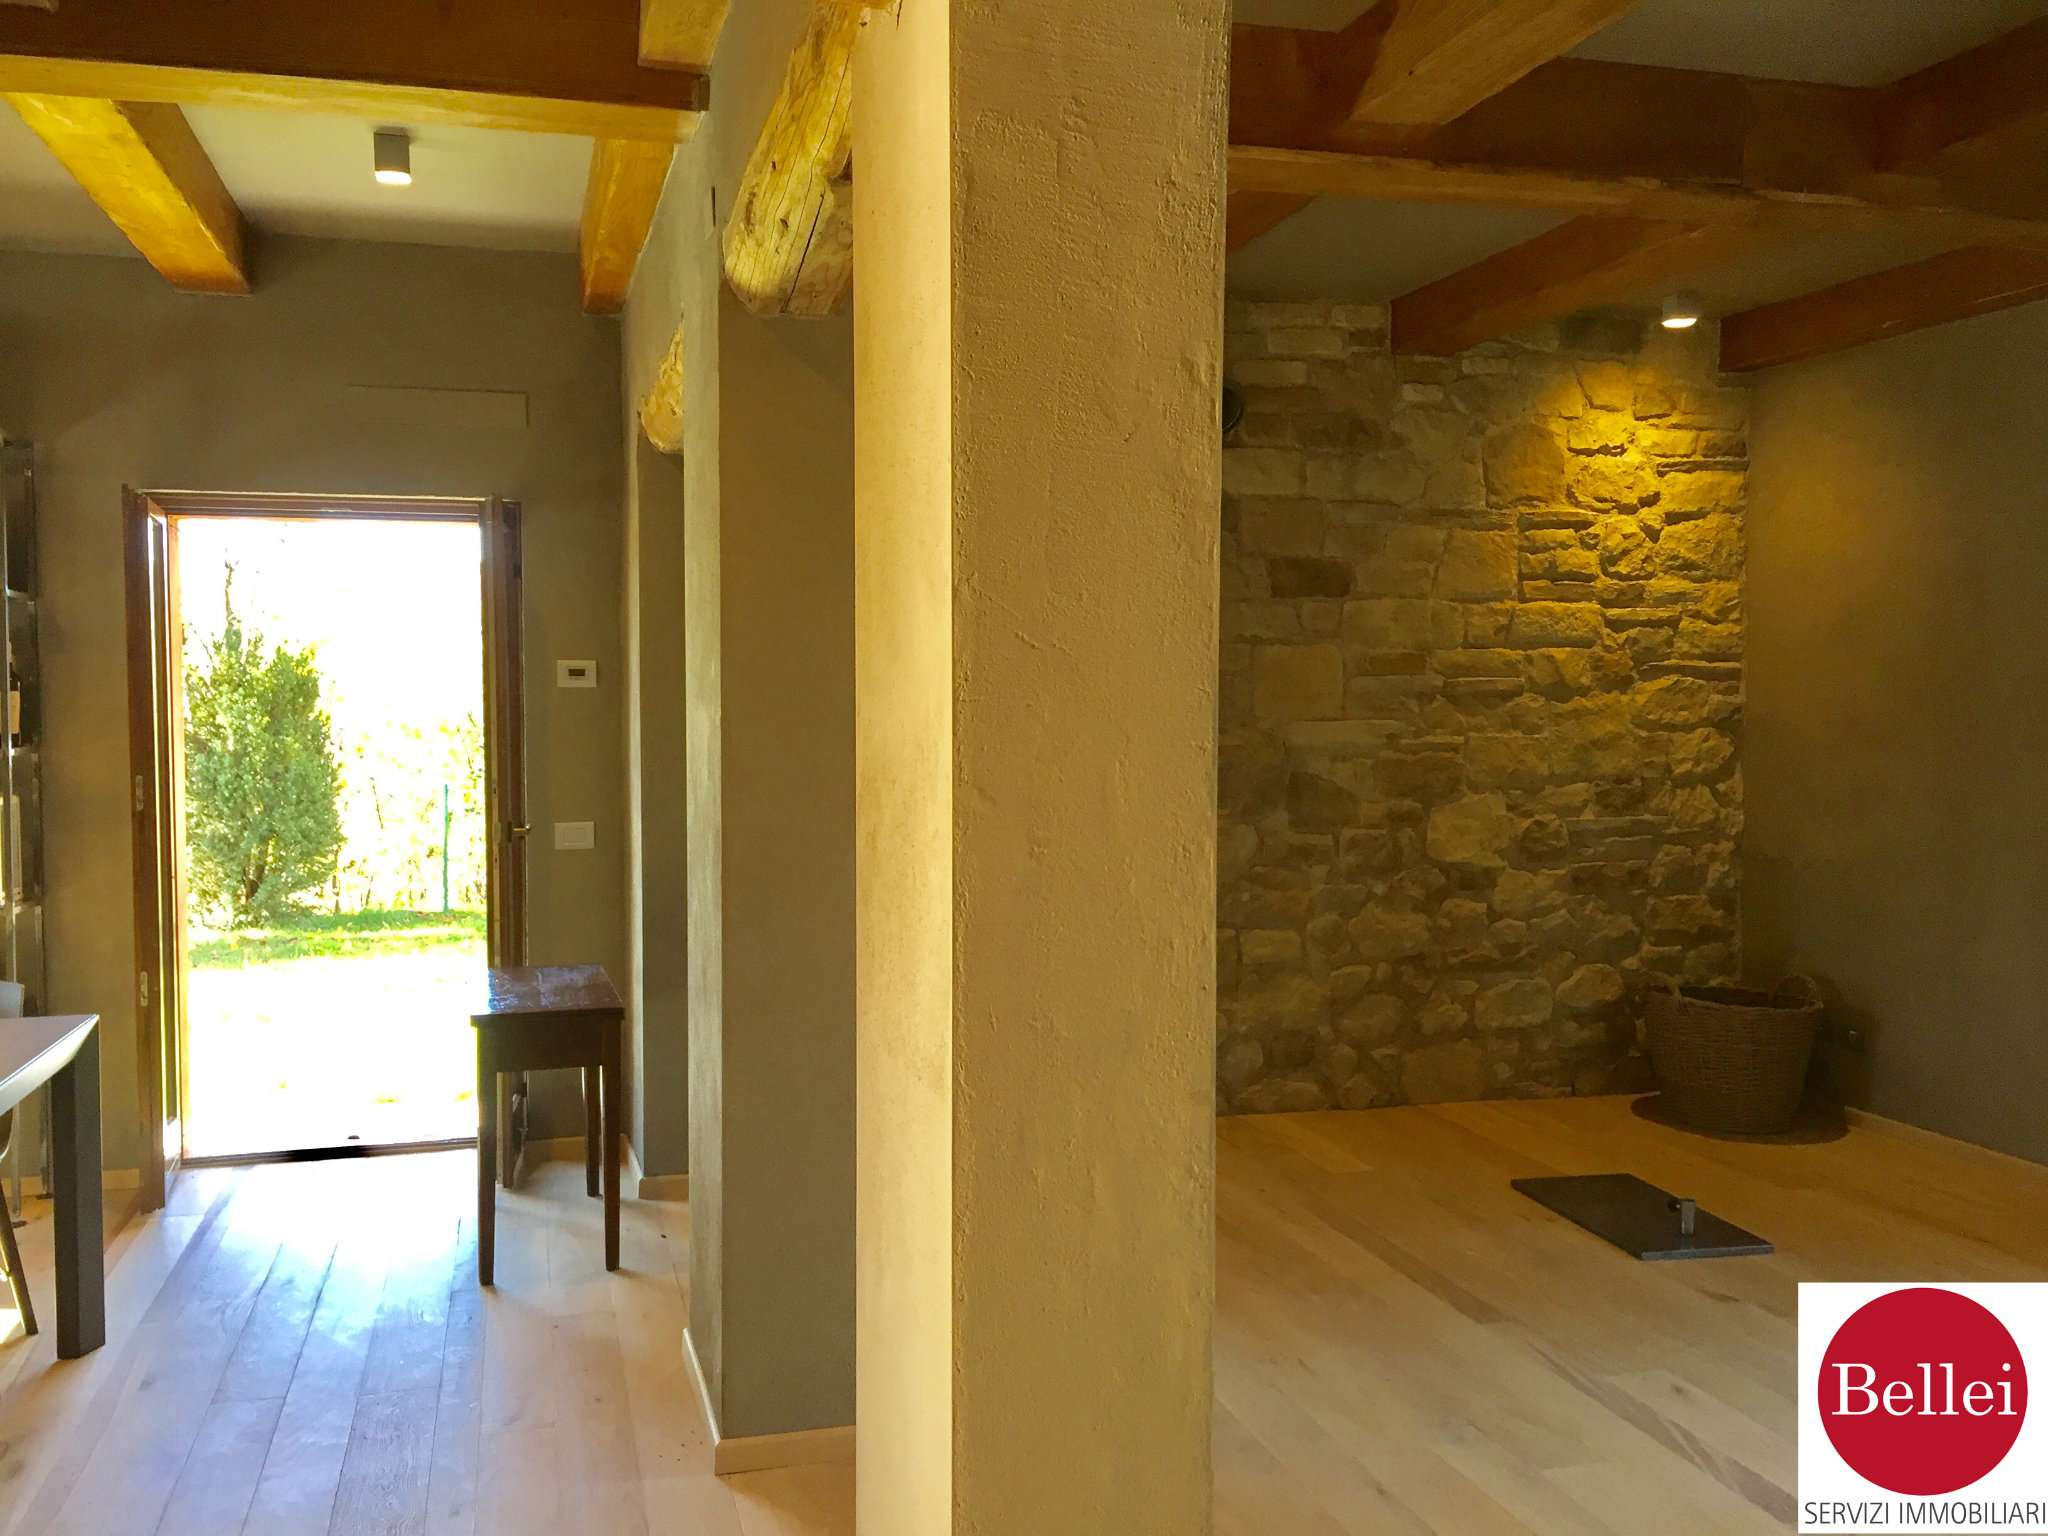 Villa in vendita a Castellarano, 11 locali, Trattative riservate | CambioCasa.it